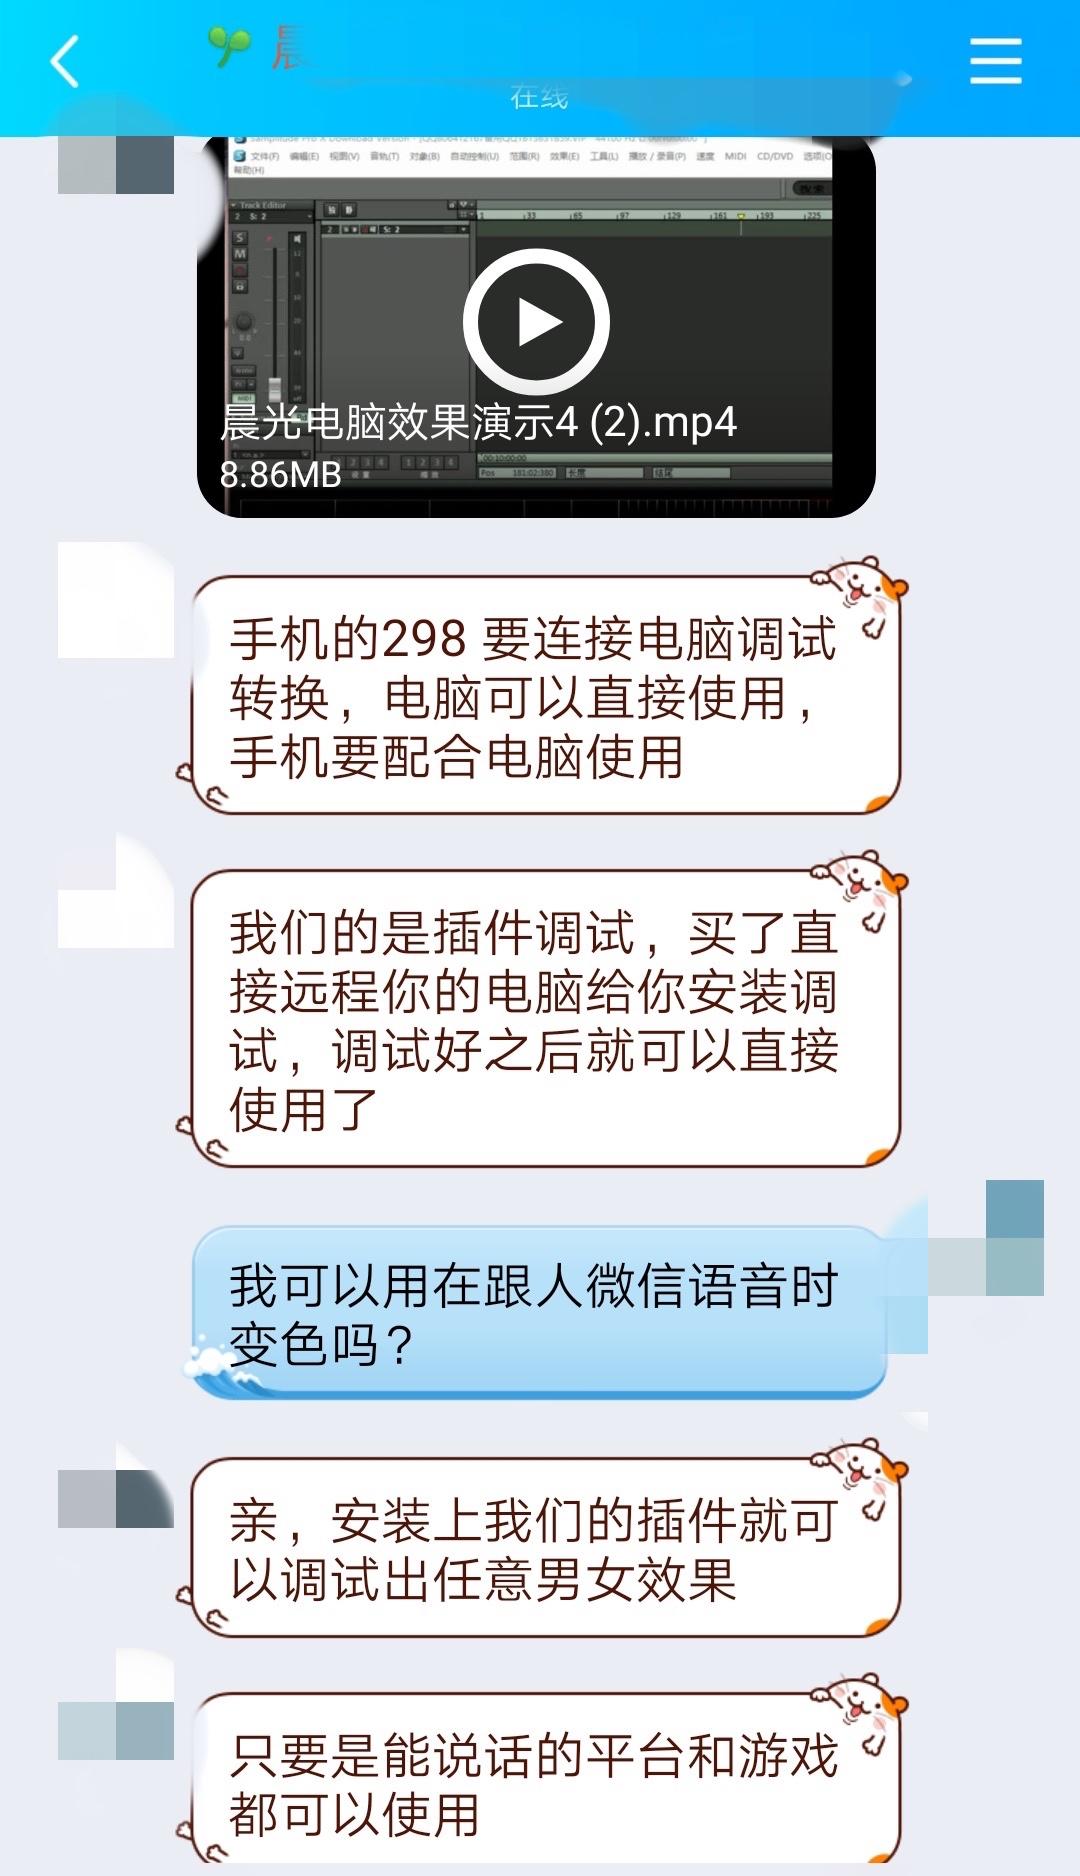 沙巴体育外围app 快讯:港股恒指高开低走跌0.42% 华为概念股集体大跌